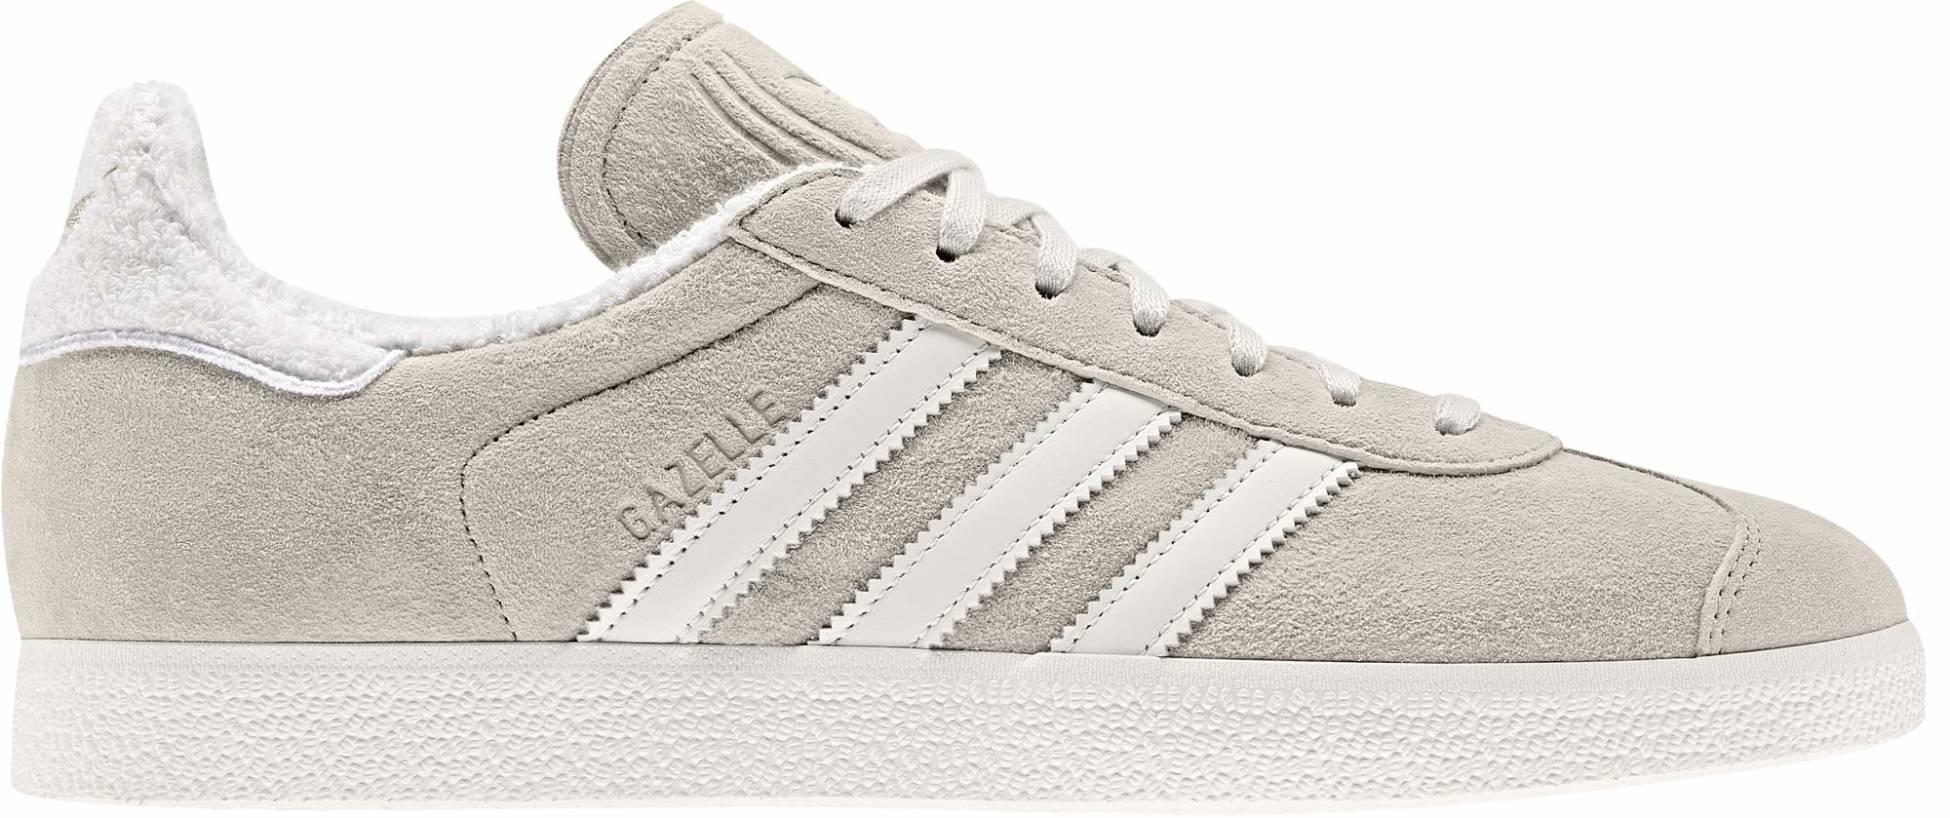 dirigir licencia Recepción  Save 51% on Adidas Gazelle Sneakers (17 Models in Stock) | RunRepeat